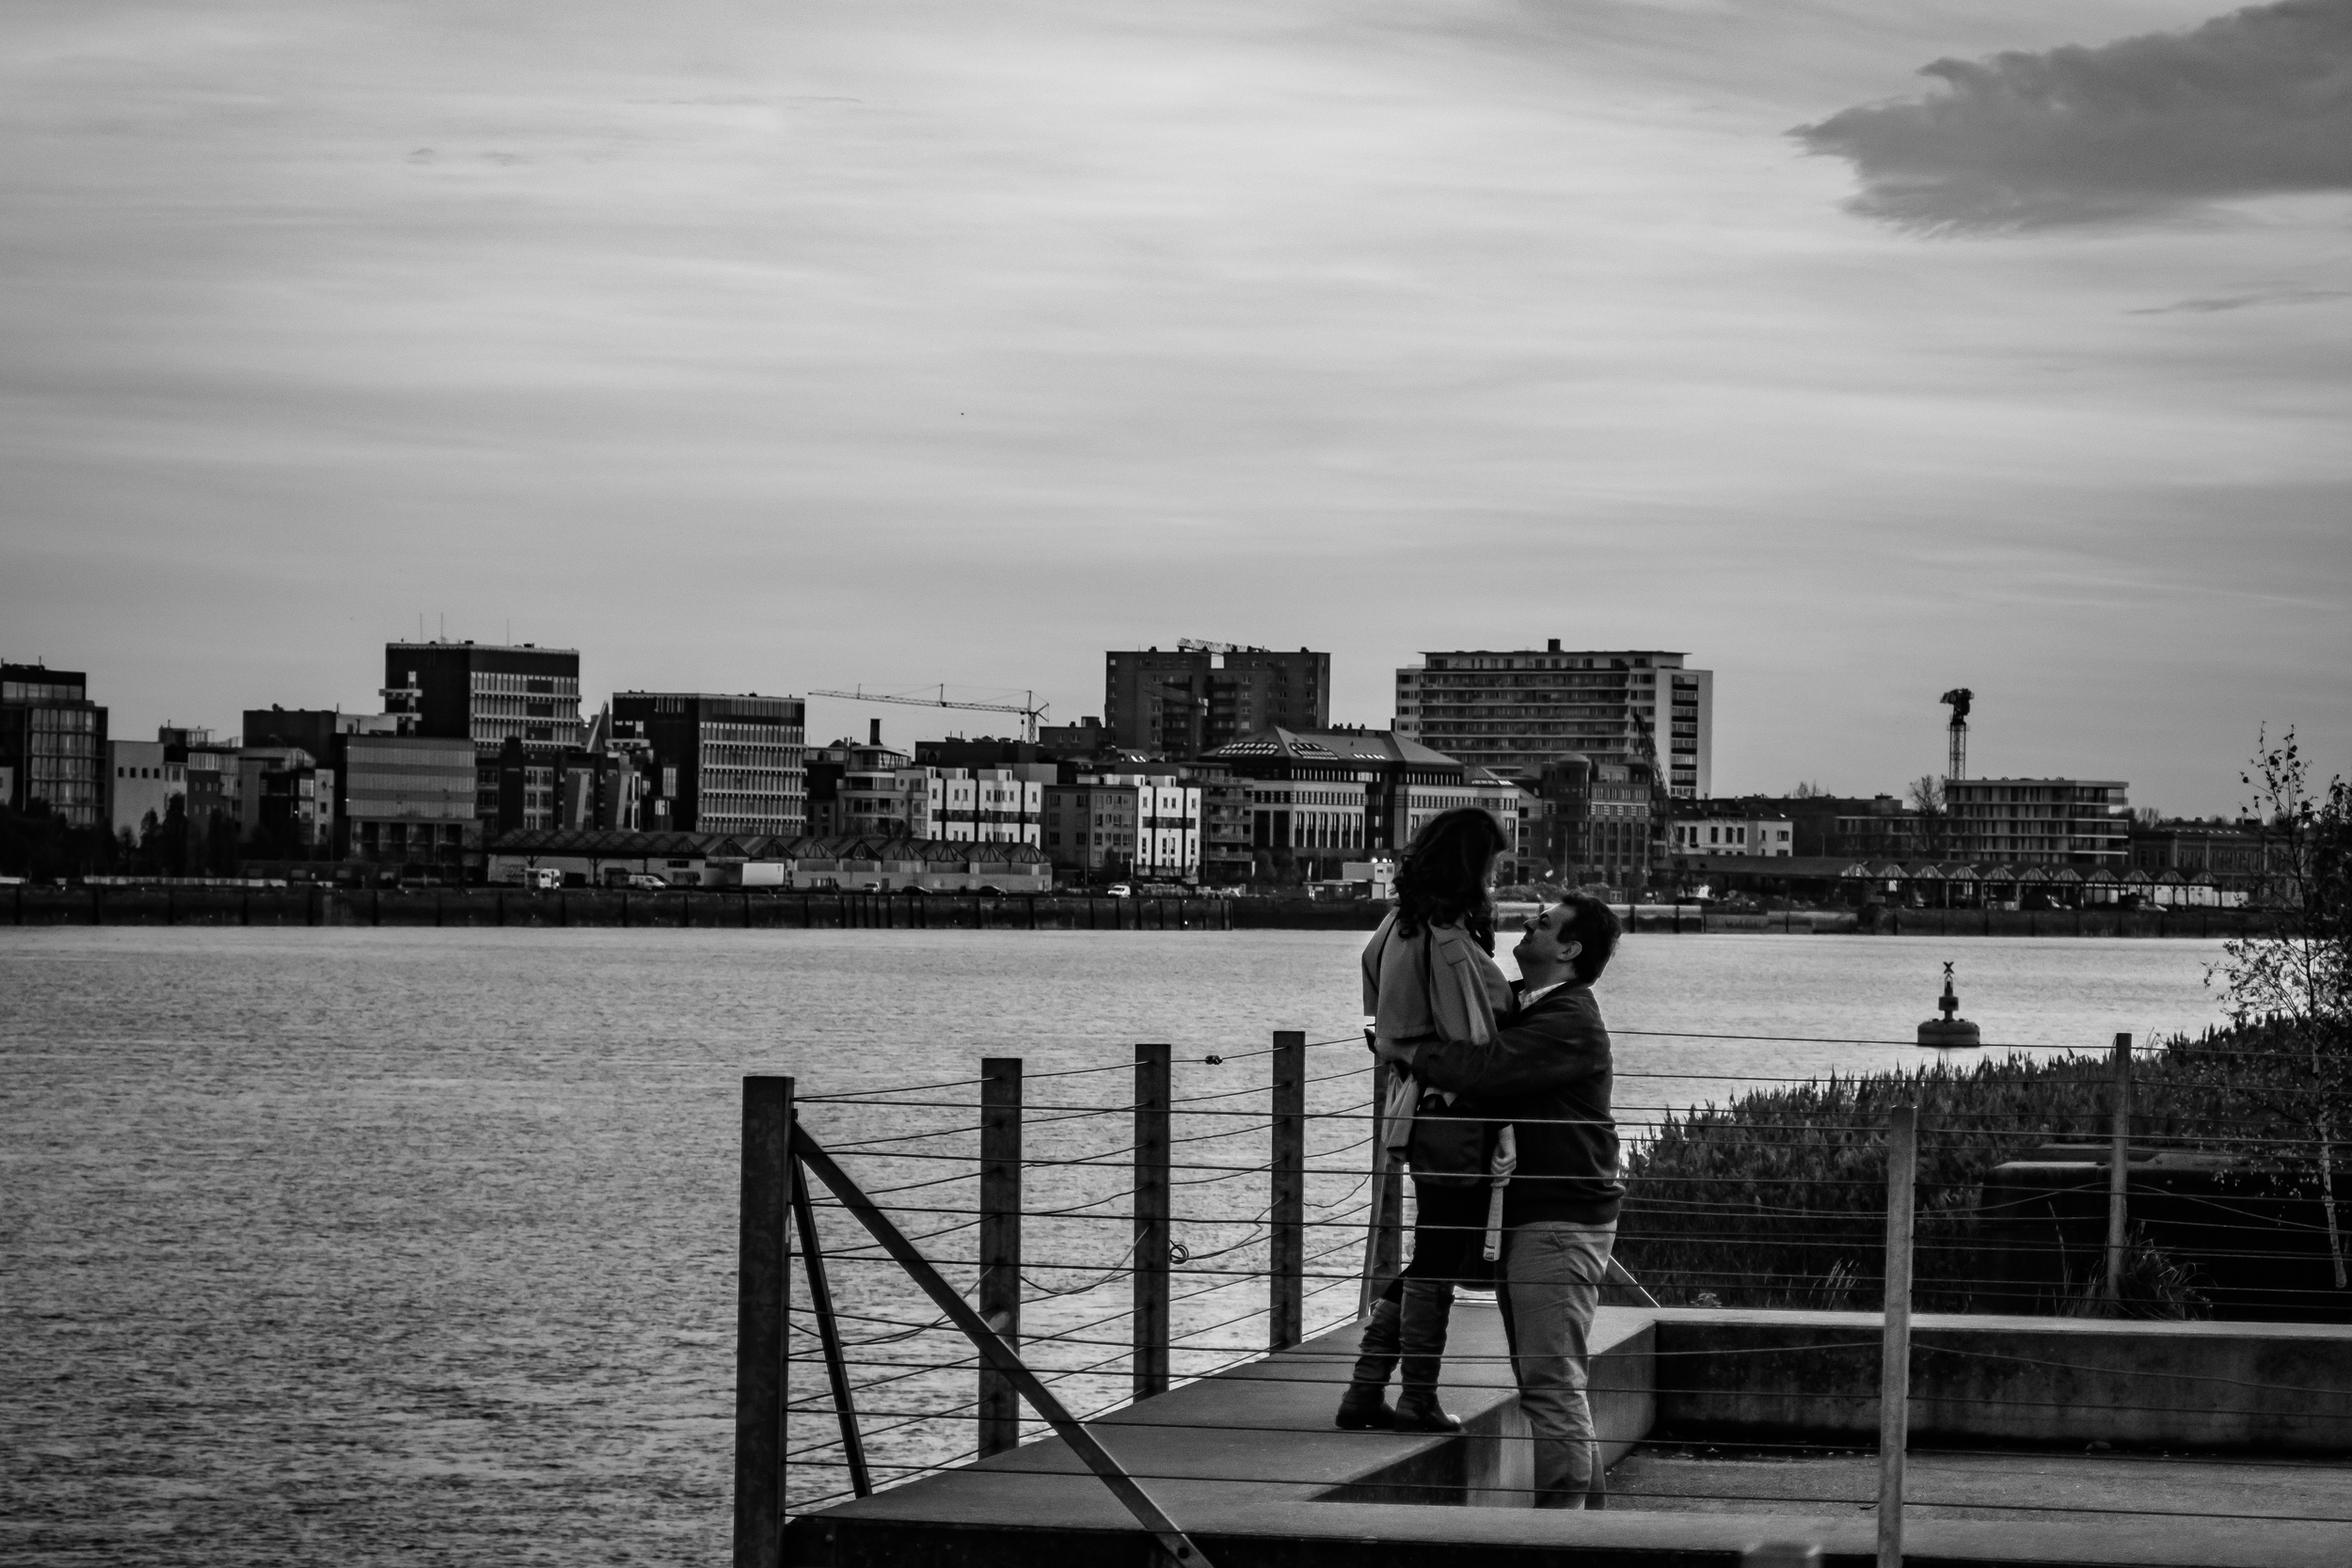 Straatfotografie - Cosmogolem - Linkeroever - Antwerpen. Vanop een afstand zie ik deze man zijn vrouw knuffelen. Ze lachen en teasen elkaar. Lekker ongedwongen. Inbreuk privacy of niet? Wat vind jij?